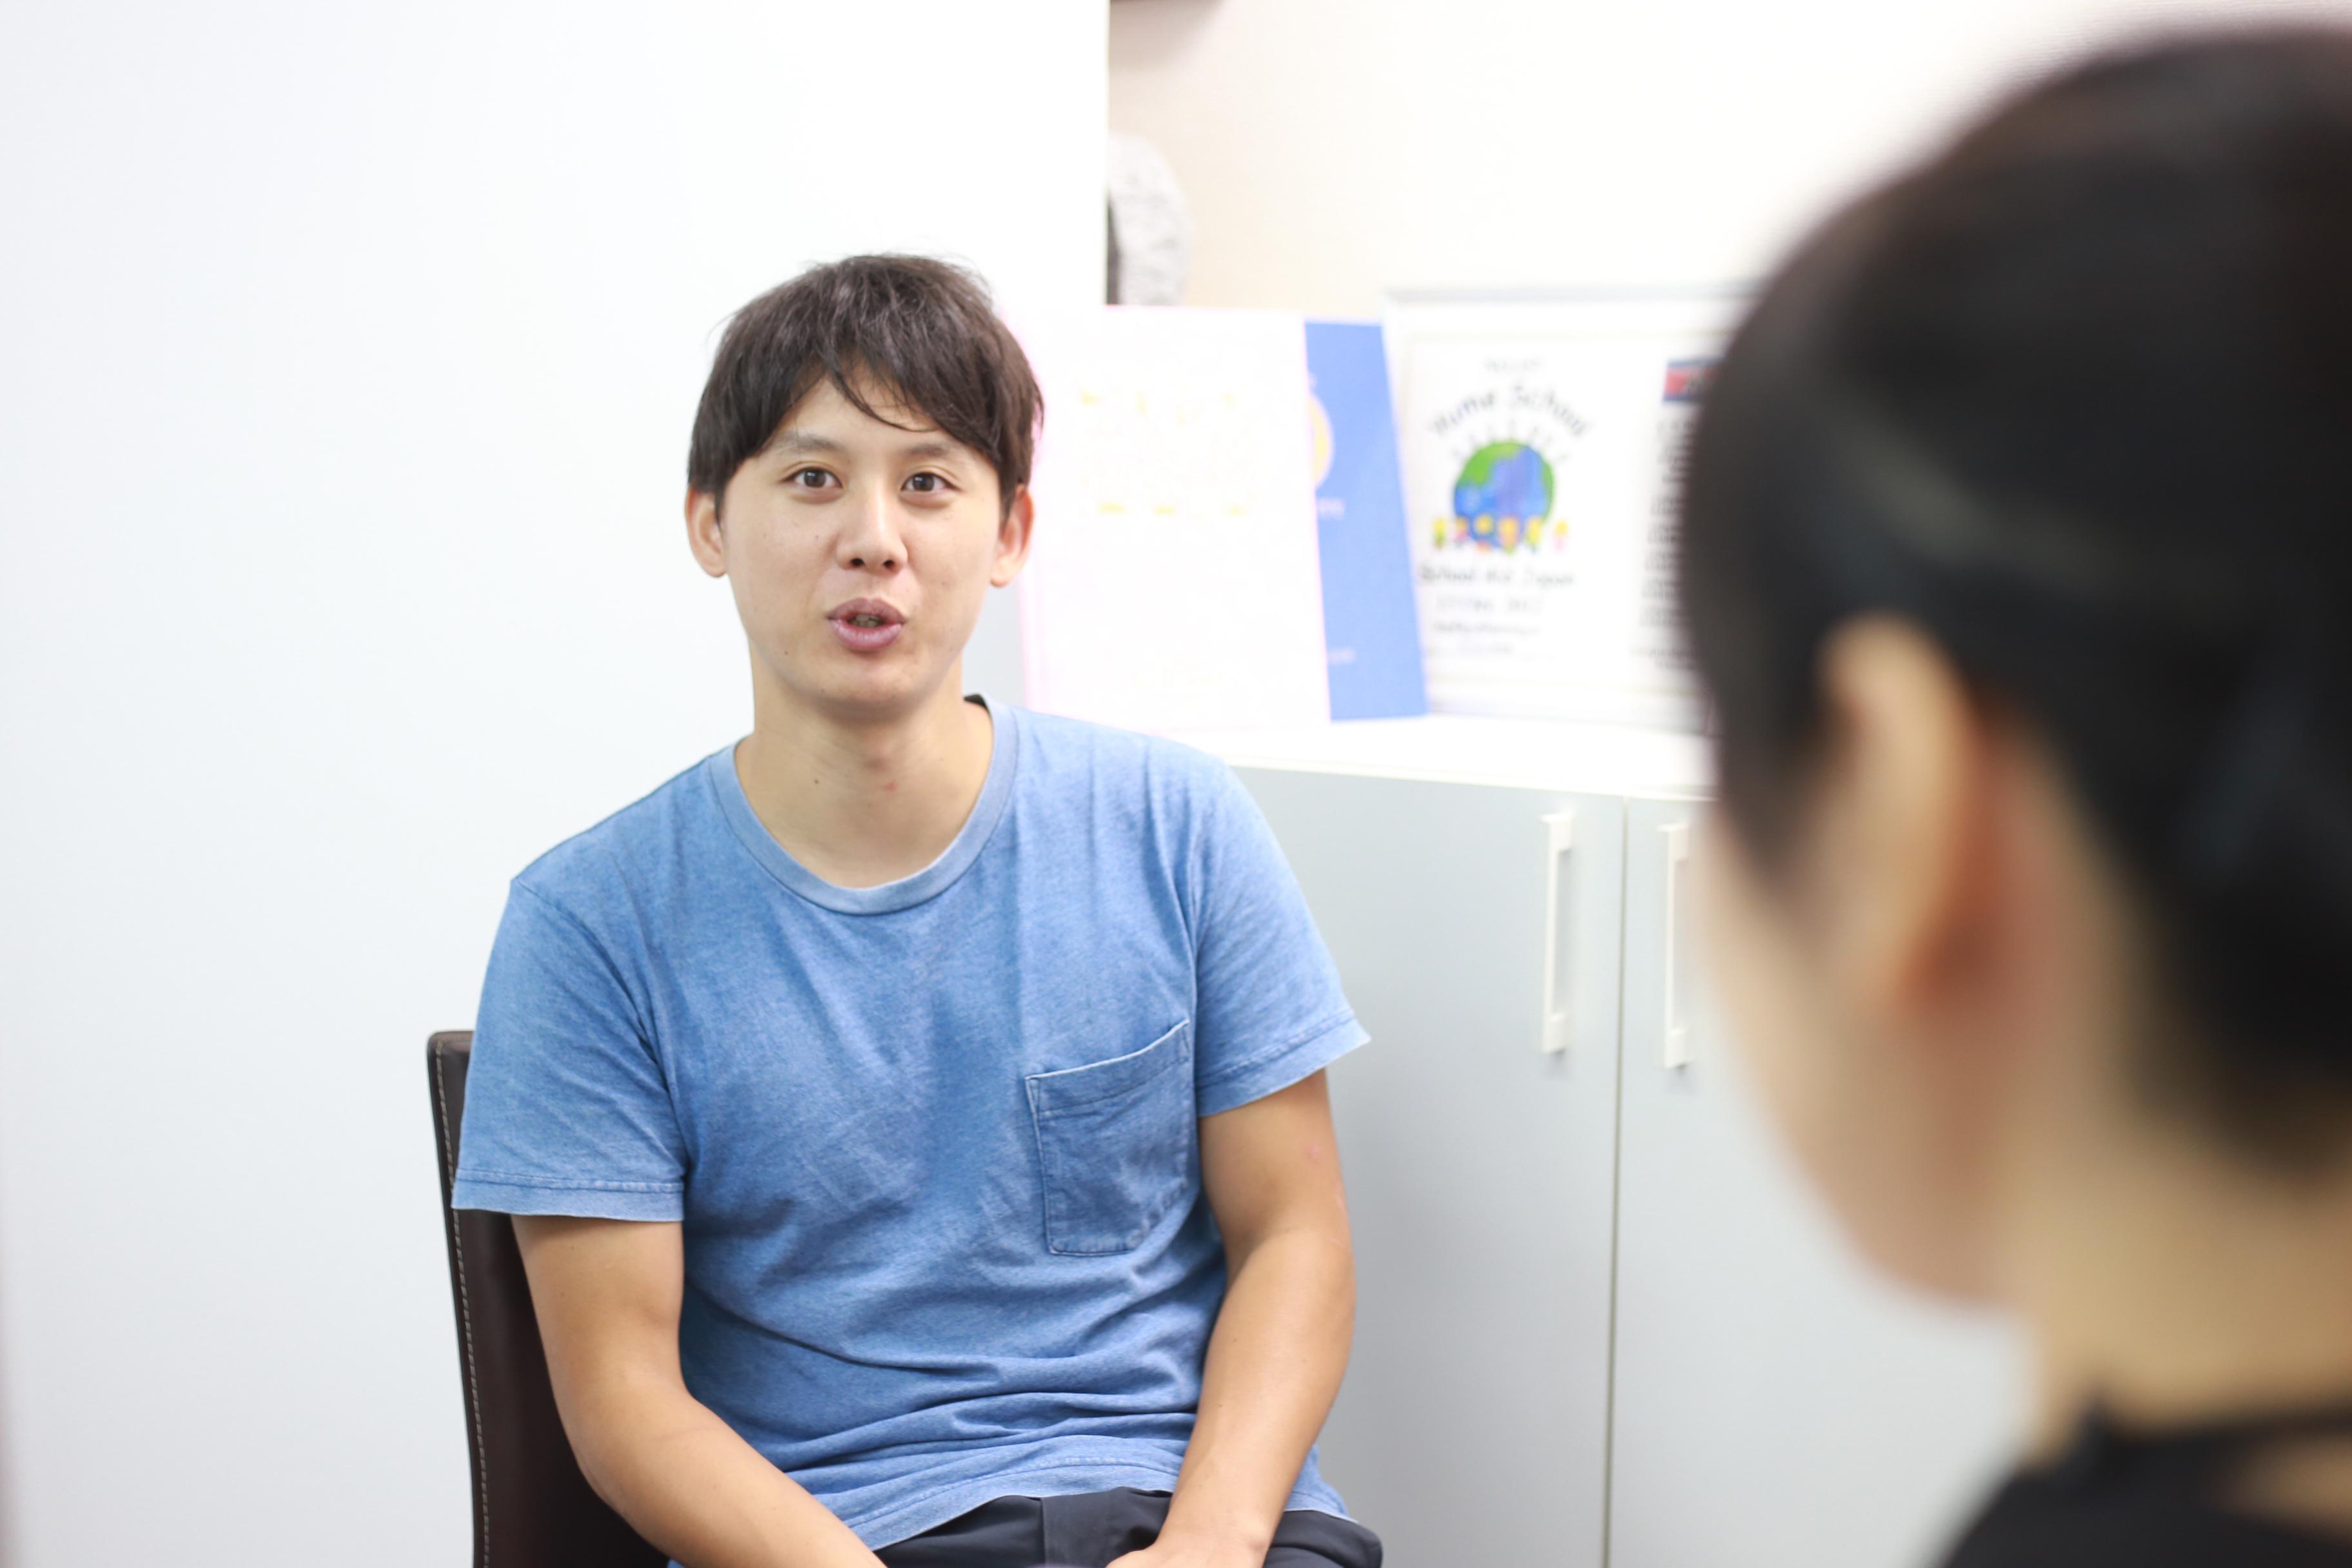 アルバム部署インタビュー02